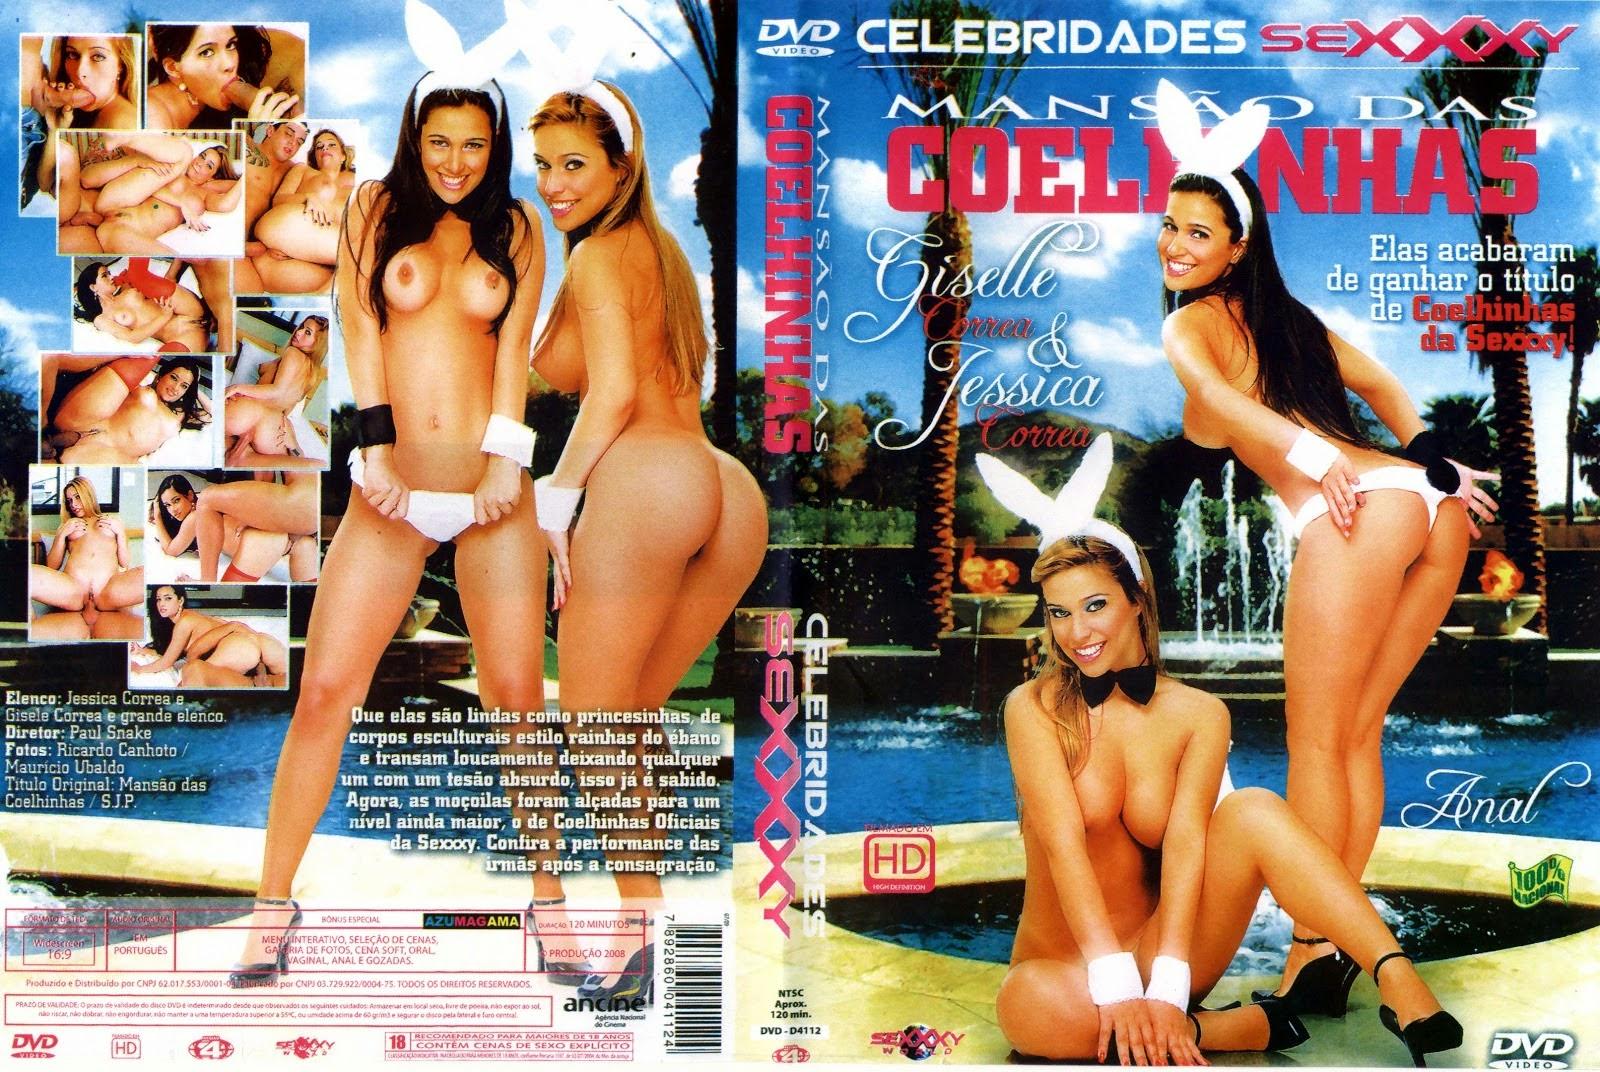 Download Sexxxy Mansão Das Coelhinhas DVDRip XviD 2009 Mans C3 A3o 2BDas 2BCoelhinhas 2BDVD